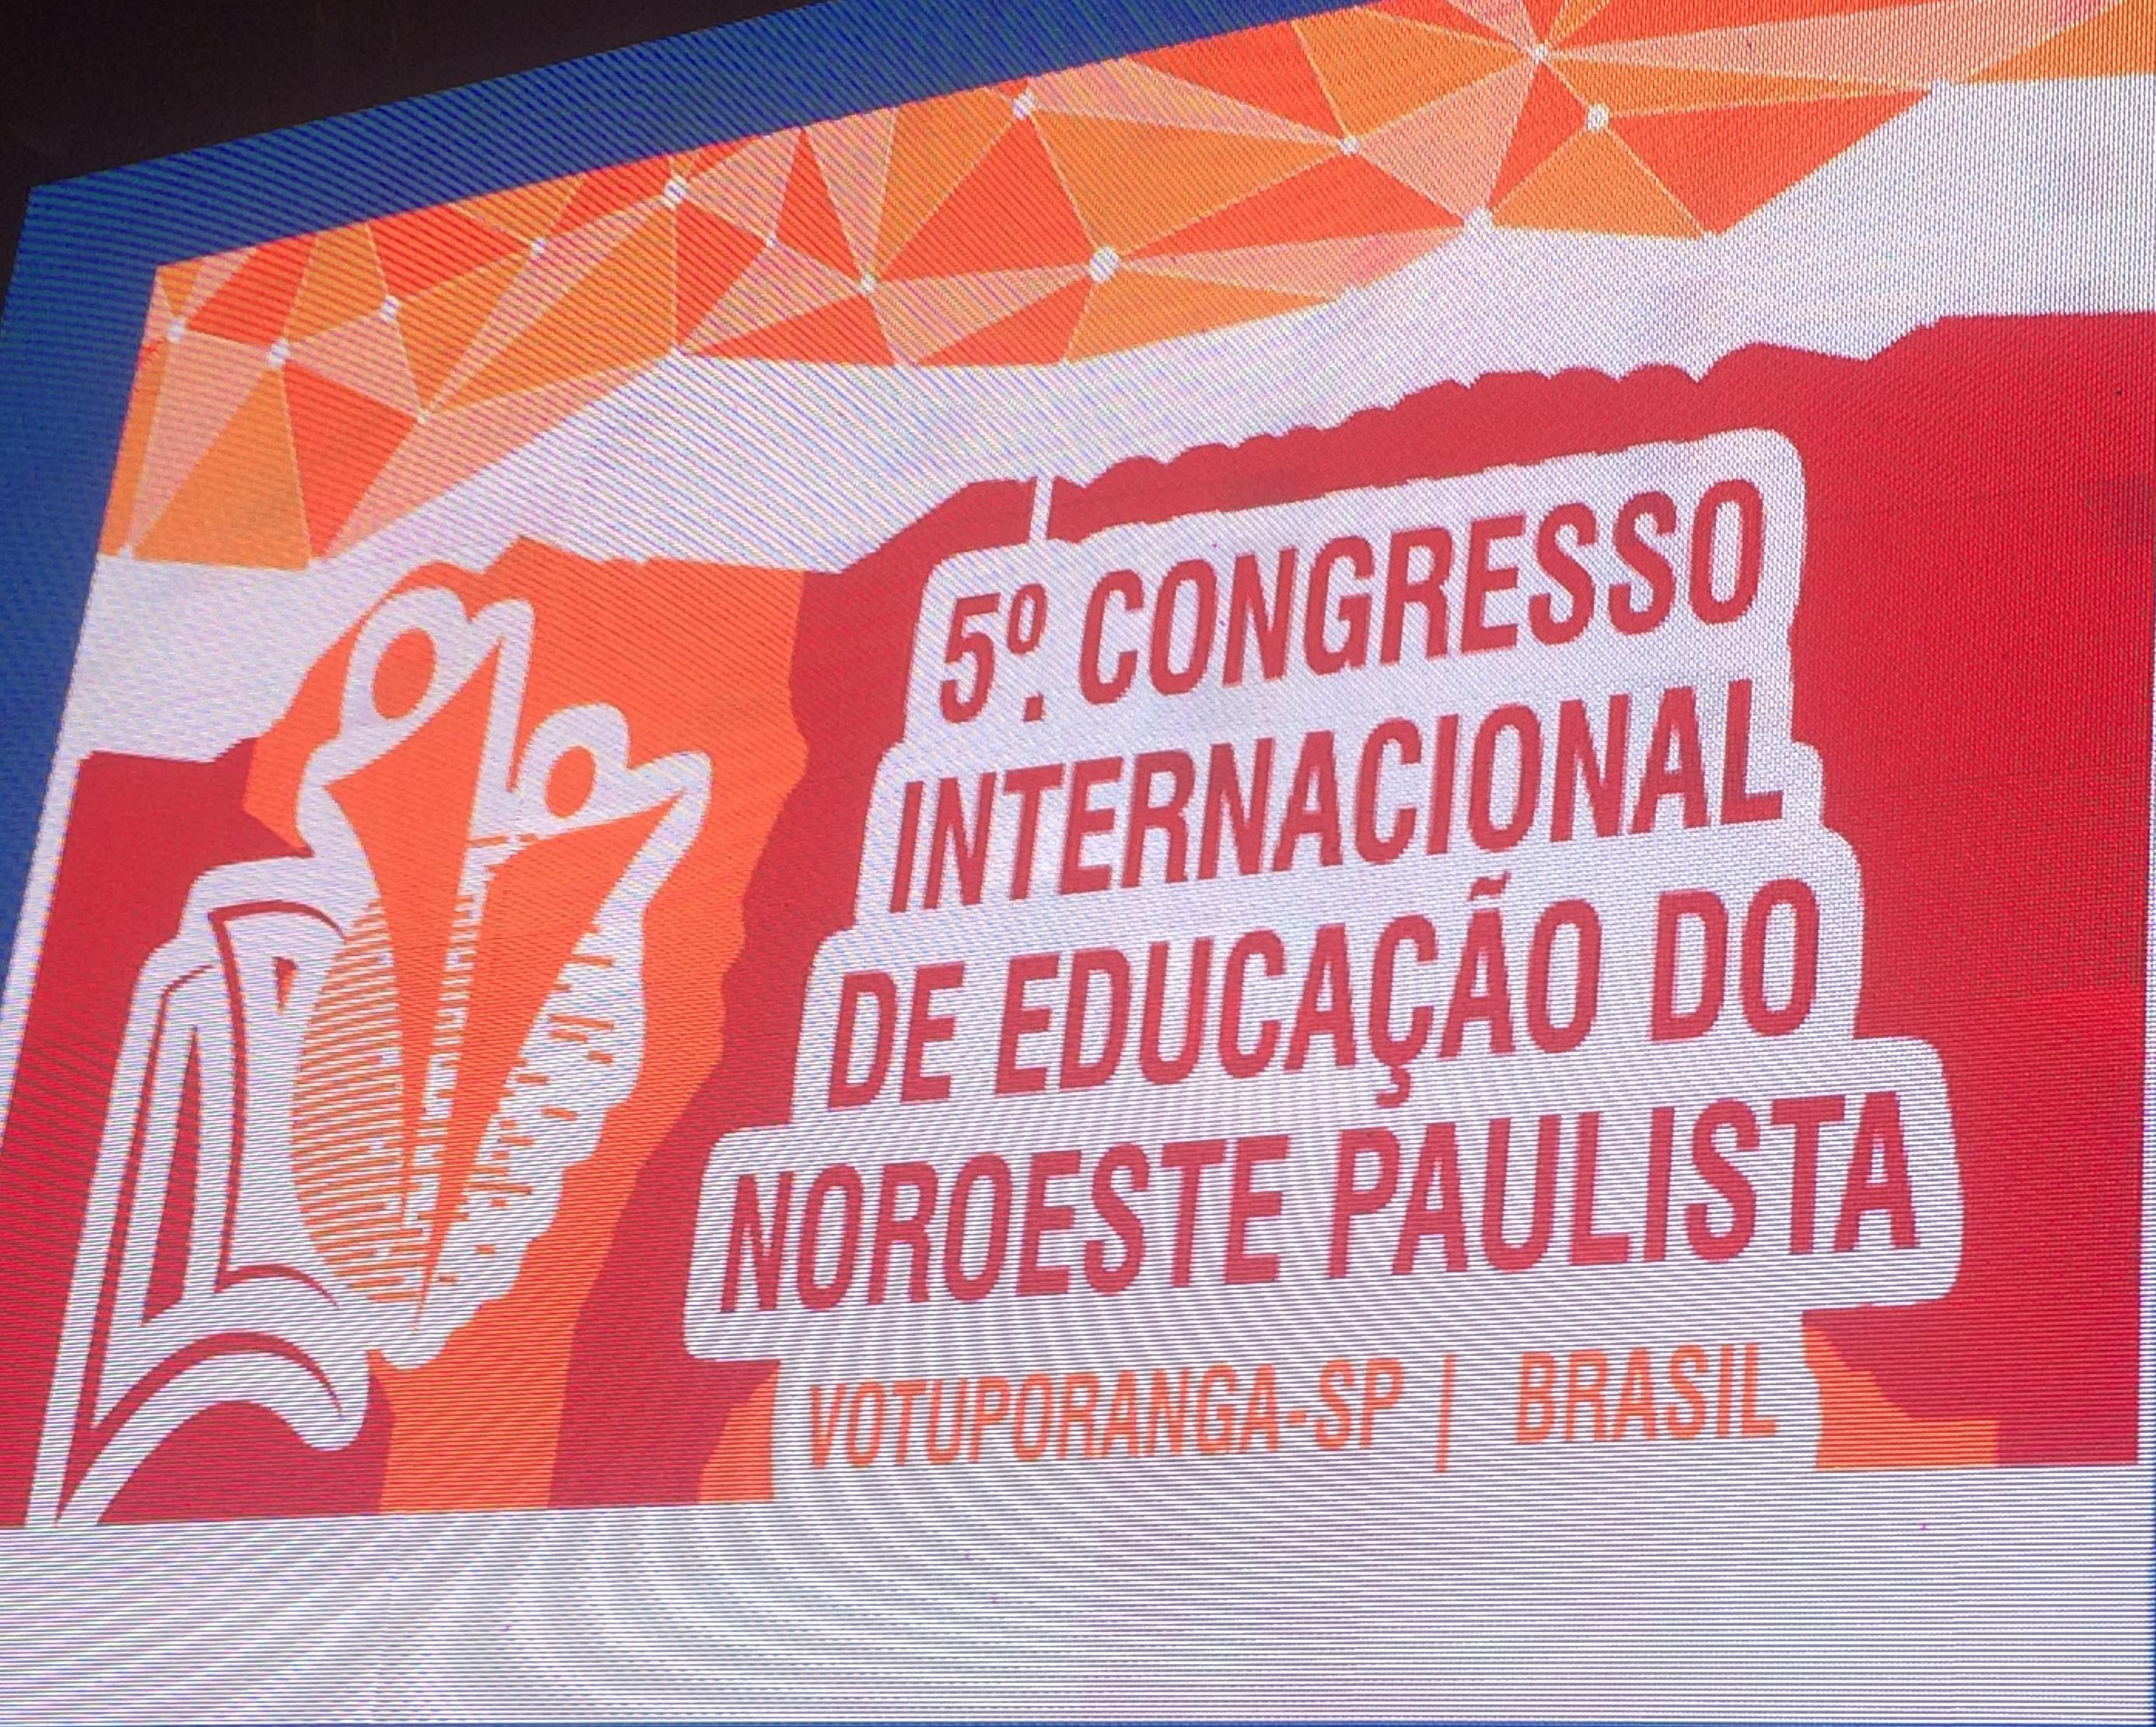 5º CONGRESSO INTERNACIONAL DE EDUCAÇÃO DO NOROESTE PAULISTA